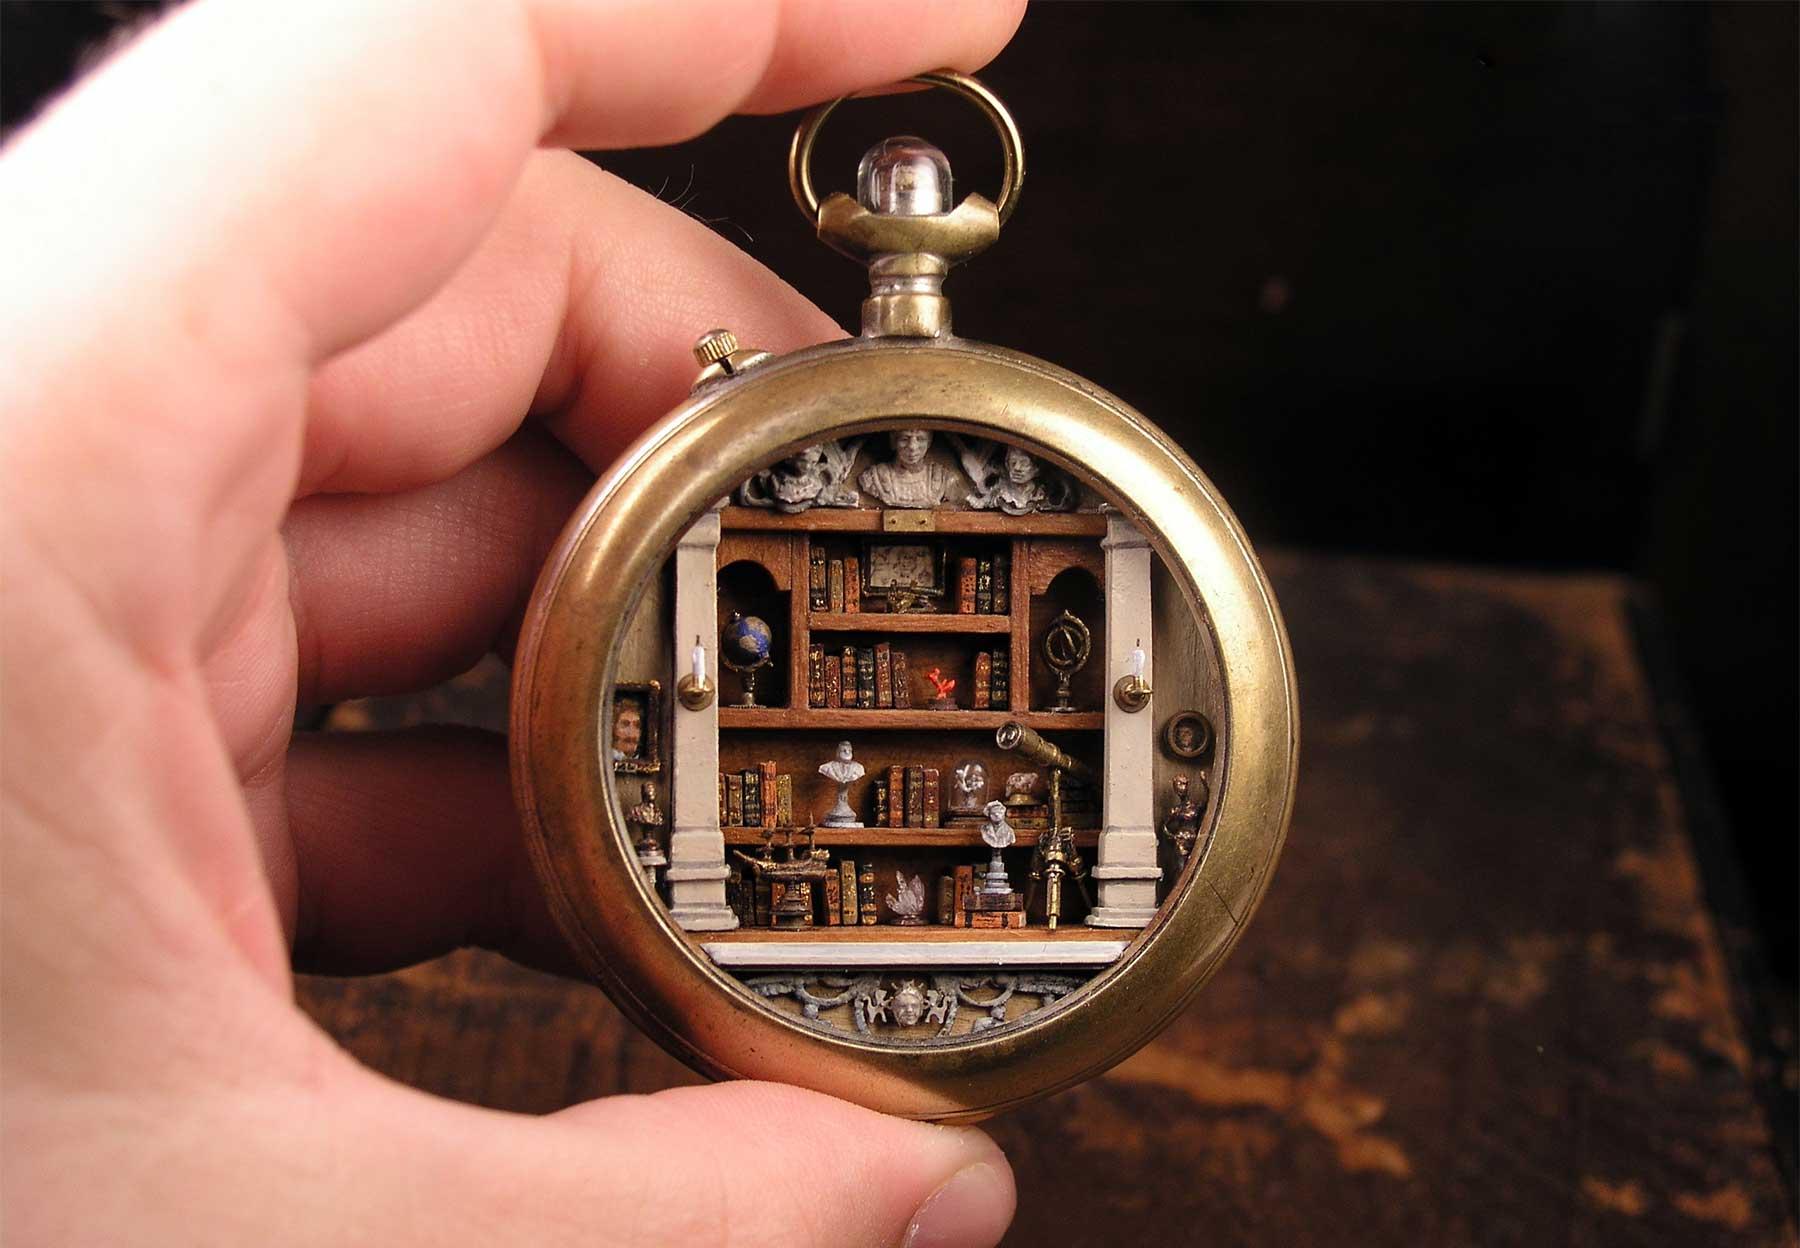 Gregory Grozos erstellt Miniaturwelten in Taschenuhren und Co.